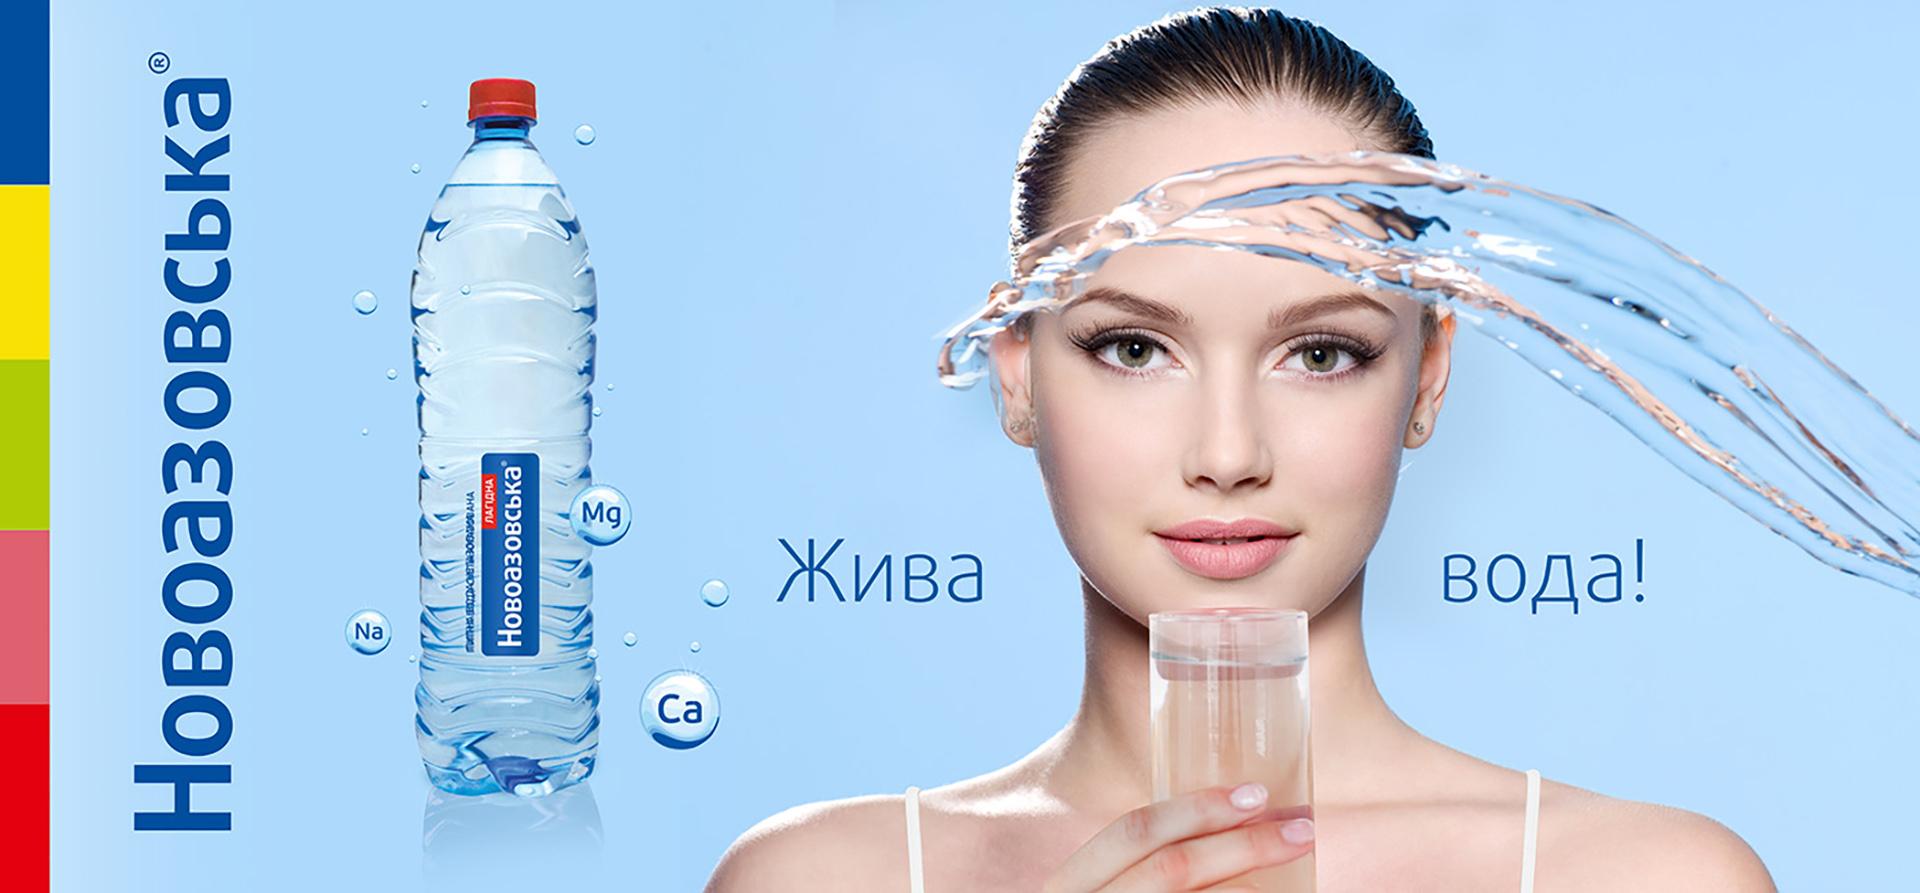 Дизайн упаковки для воды, Water packaging design